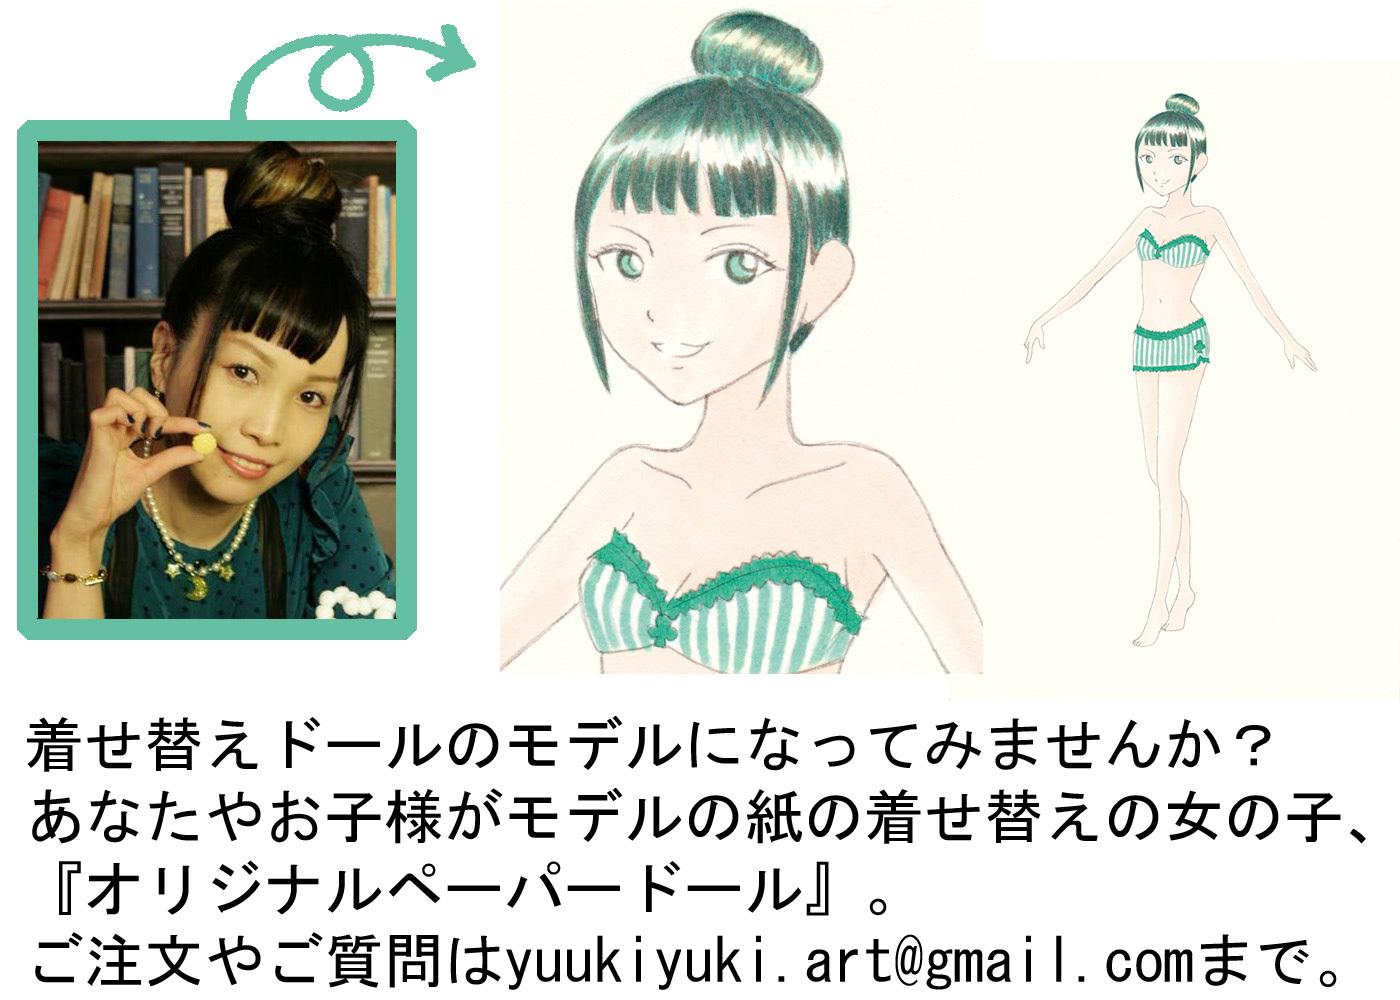 doll_web_moji_mihon06.jpg